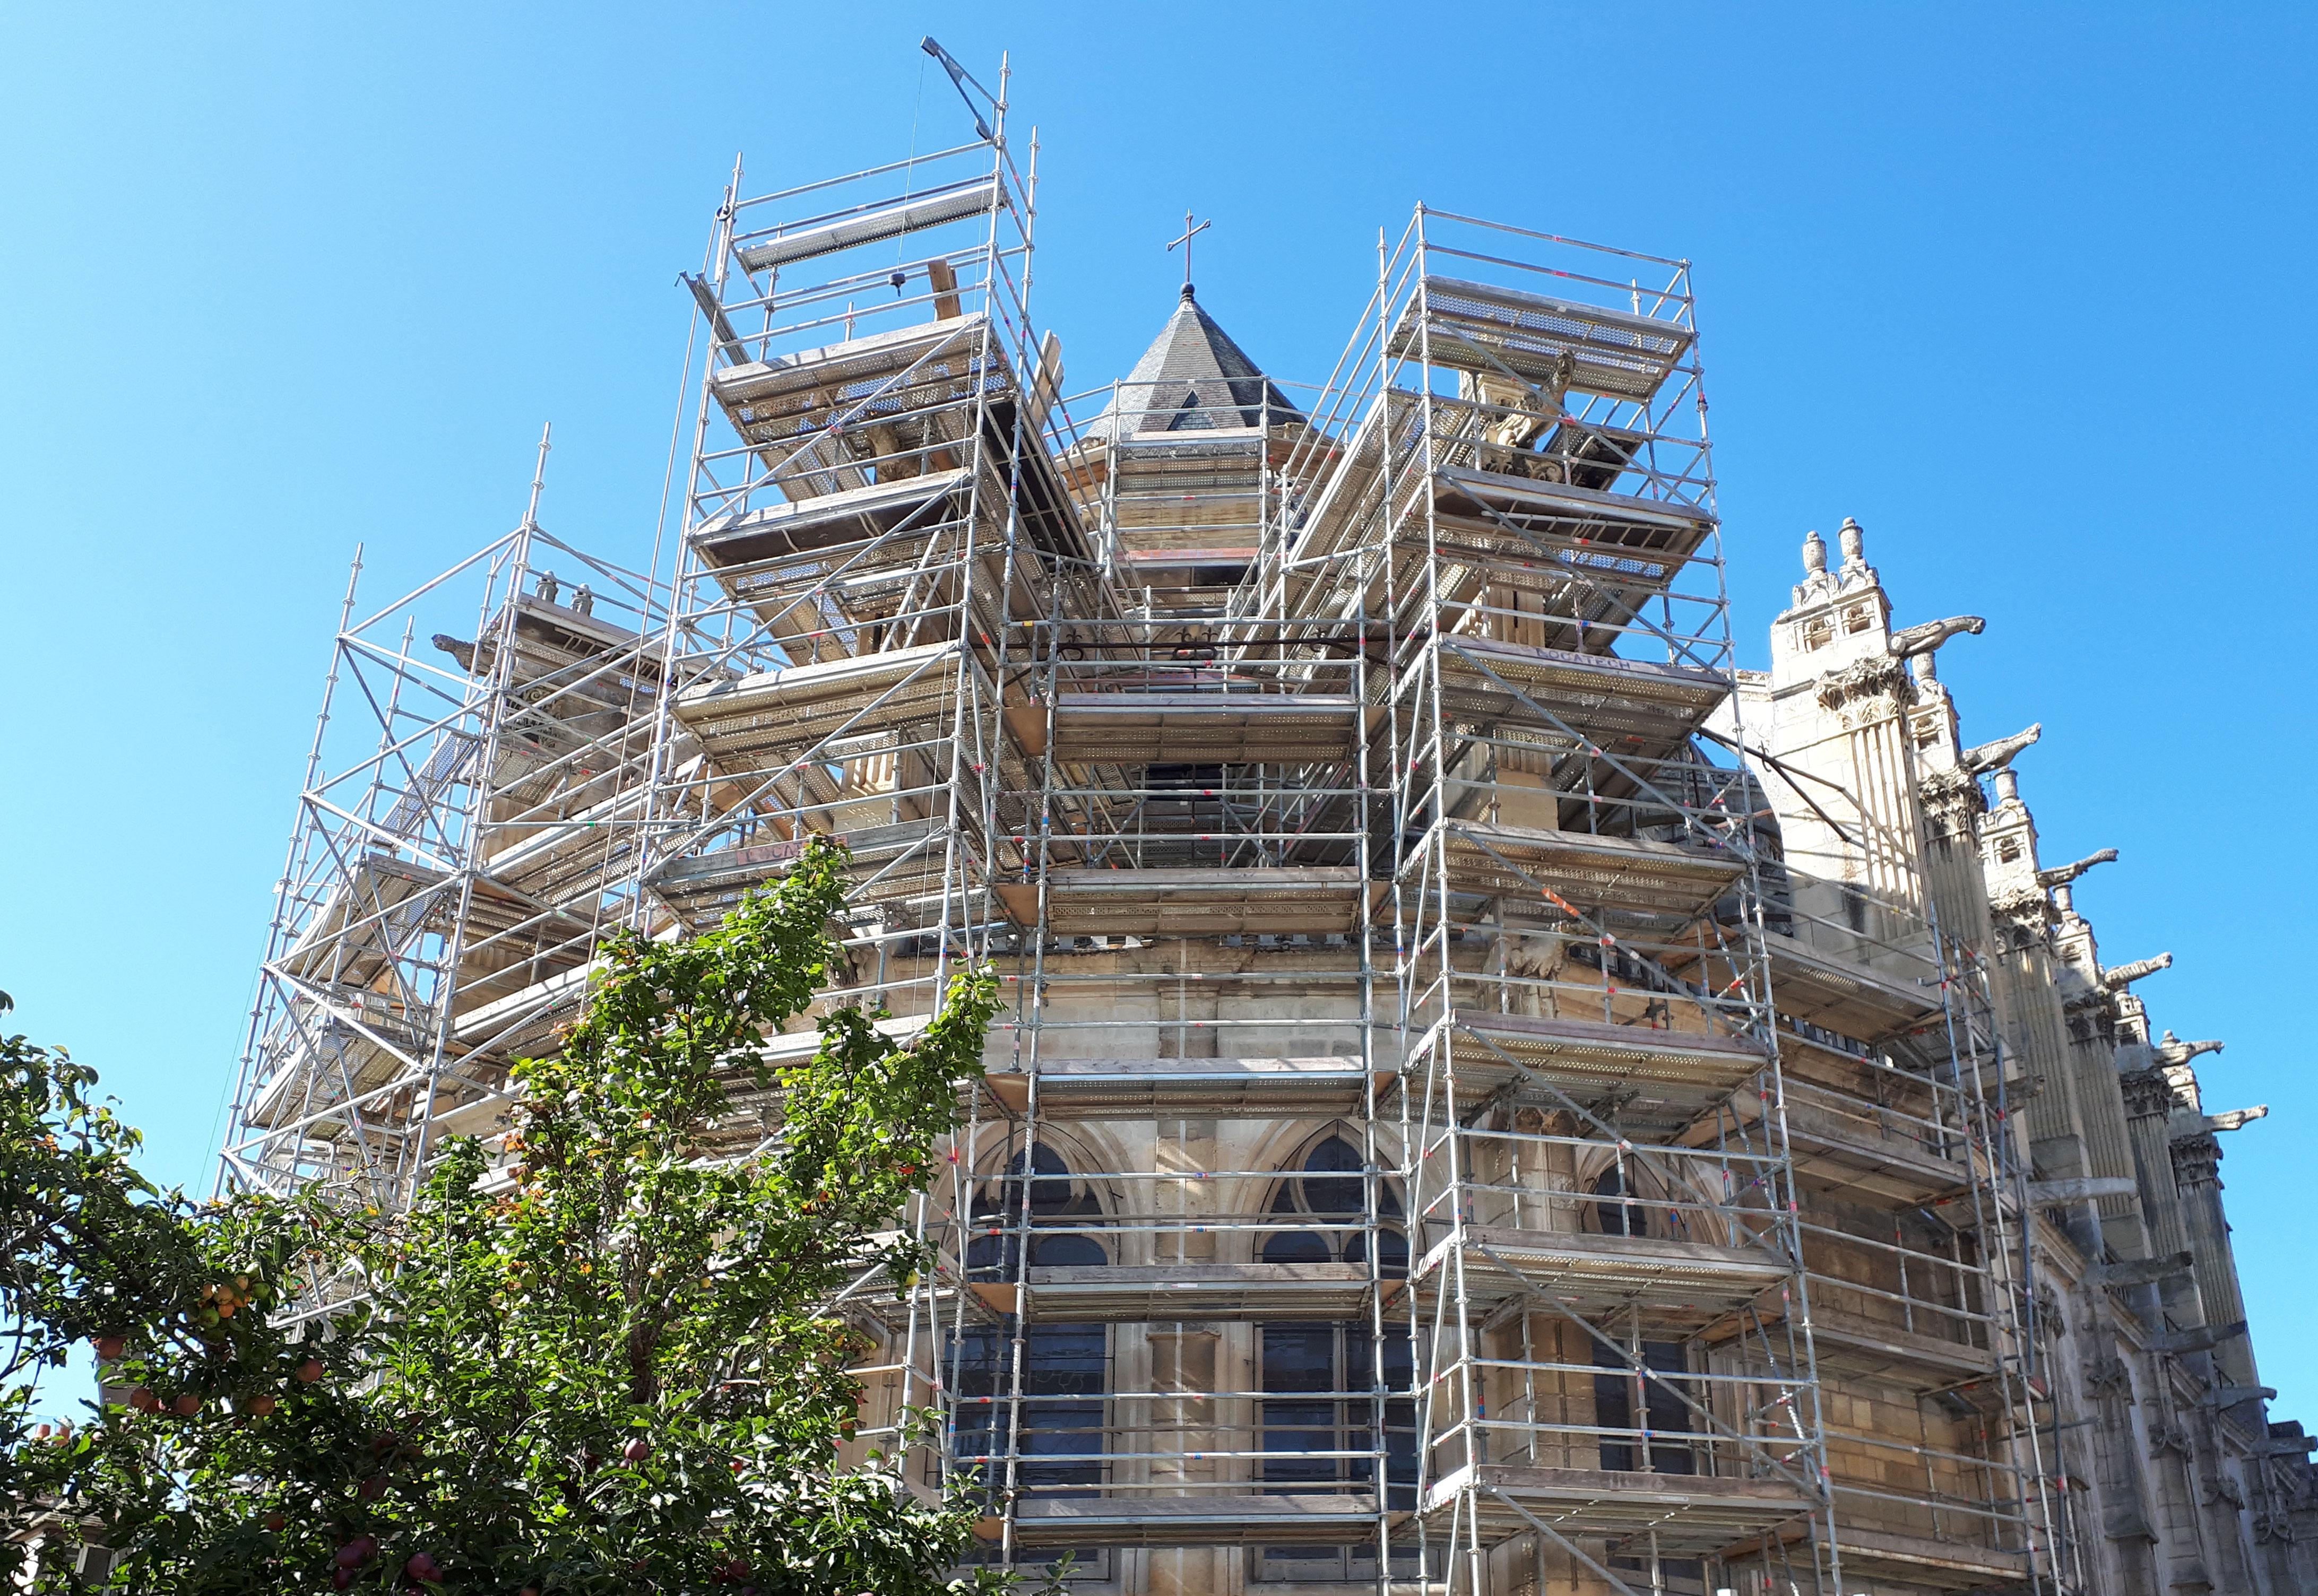 restauration façades église Montford l'amaury Lefèvre